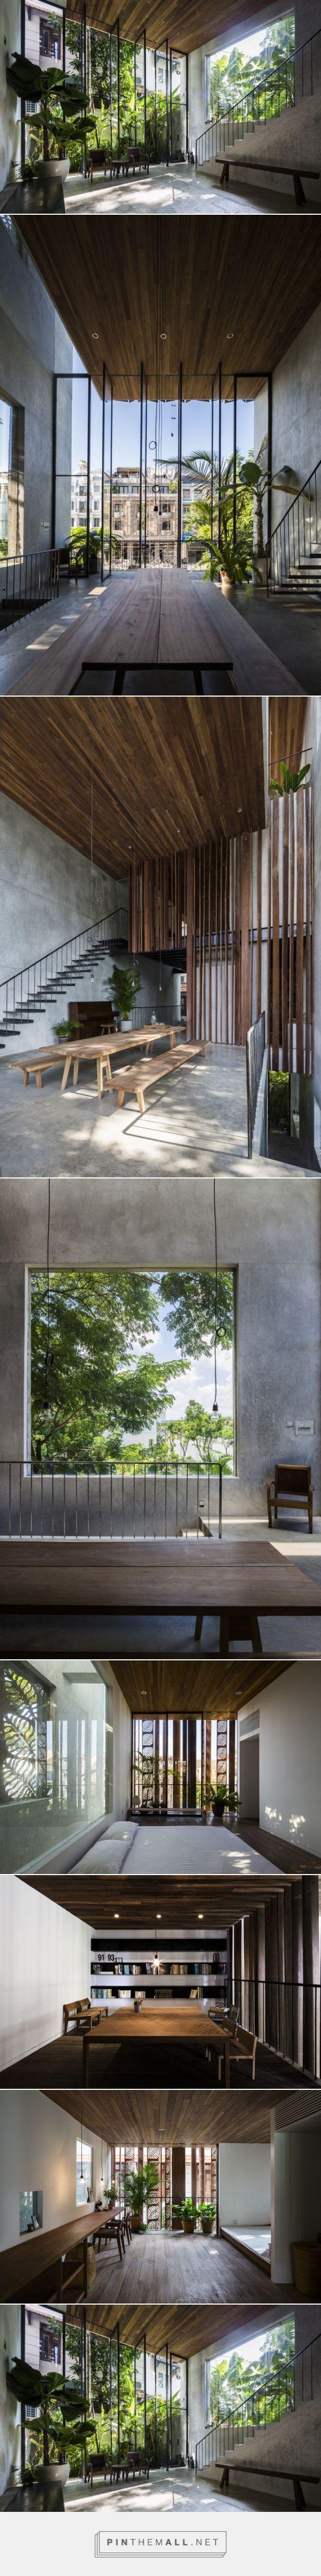 Thong House / Nishizawa Architects | ArchDaily - created via https://pinthemall.net